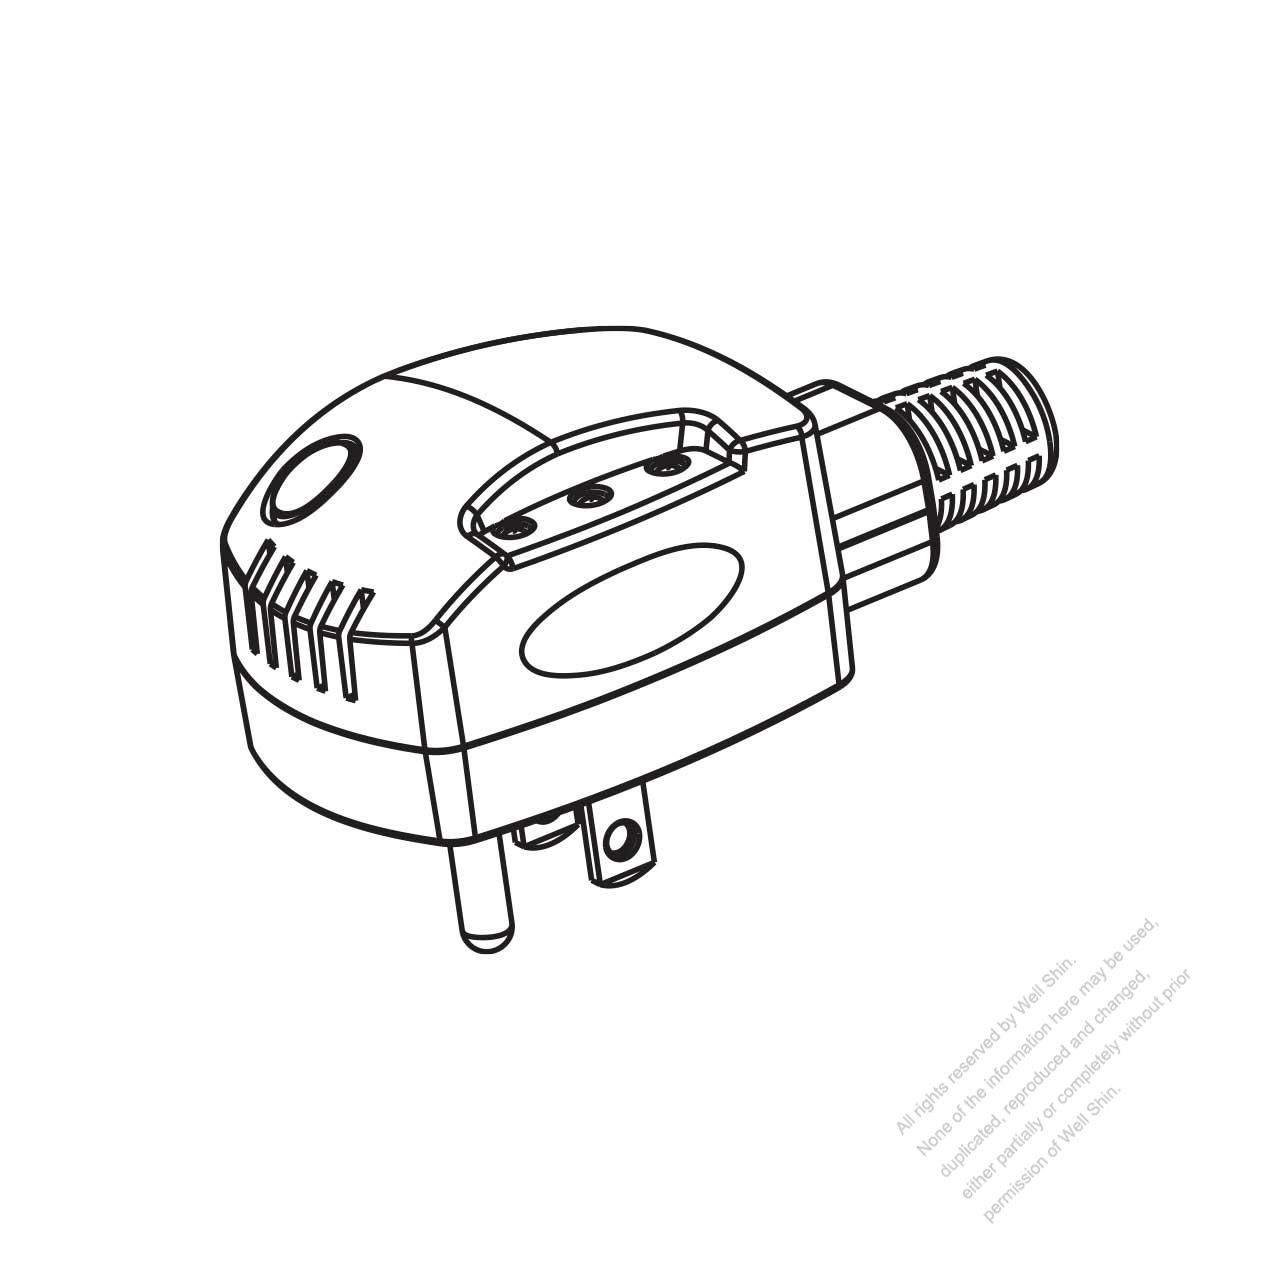 usa  canada nema 5  3 wire grounding 15a 125v  temperature control delay